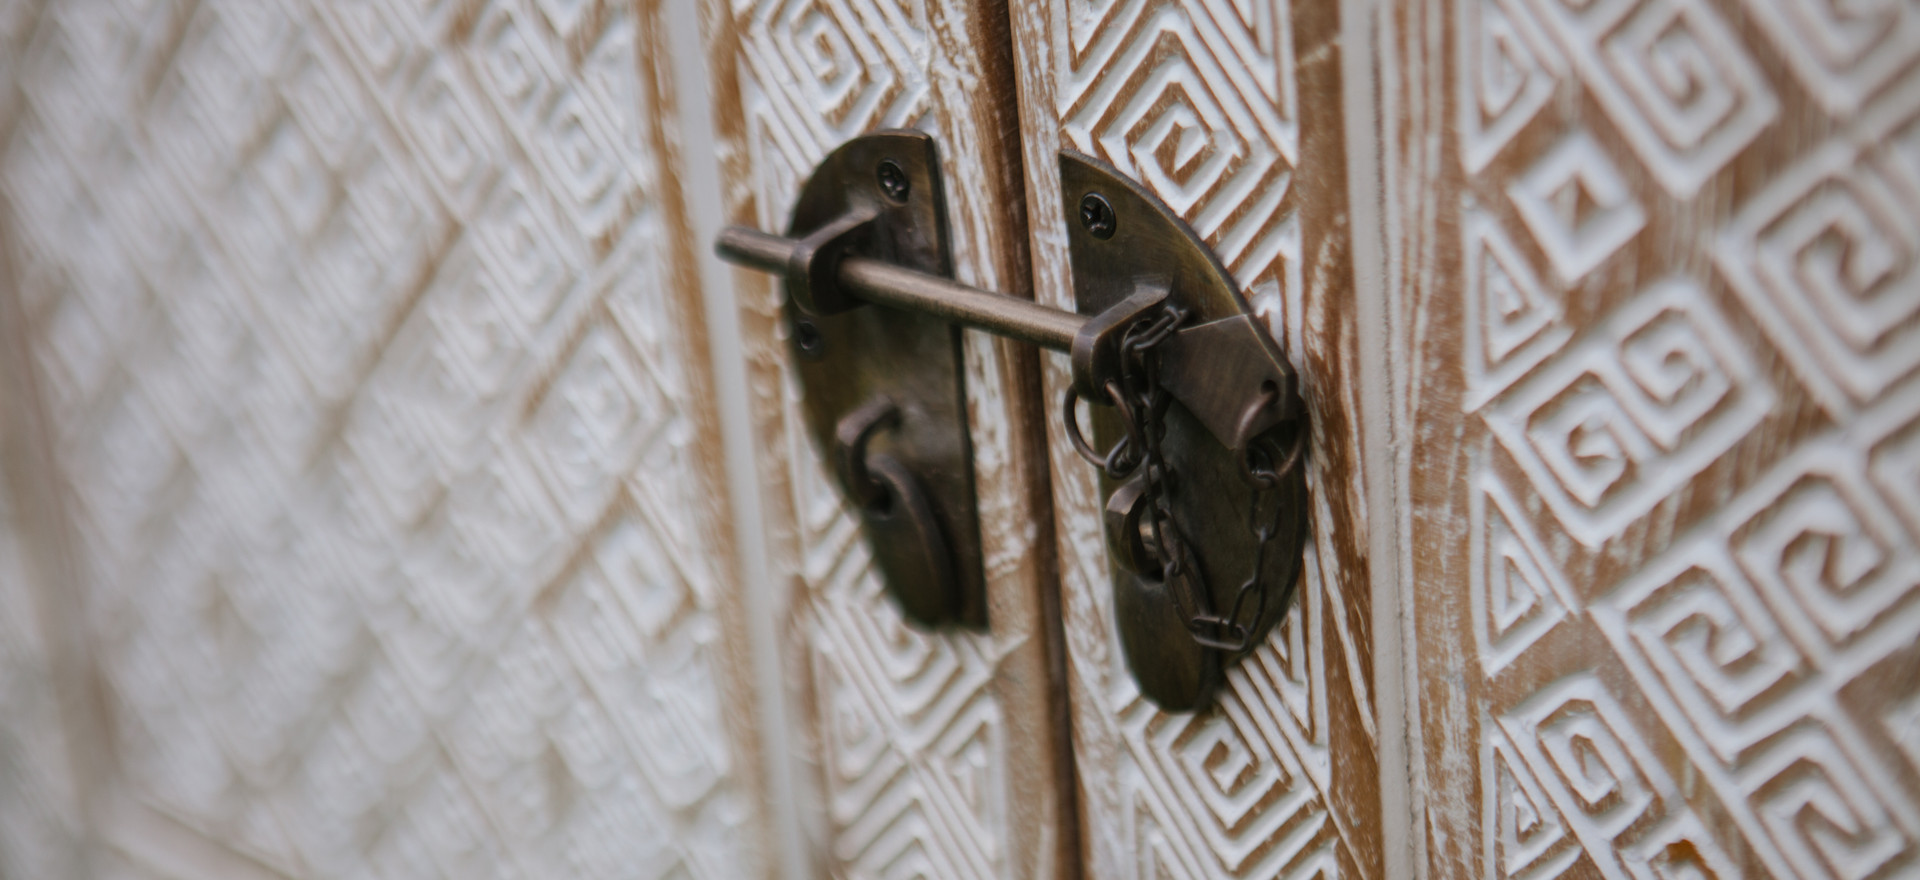 Unique Lock